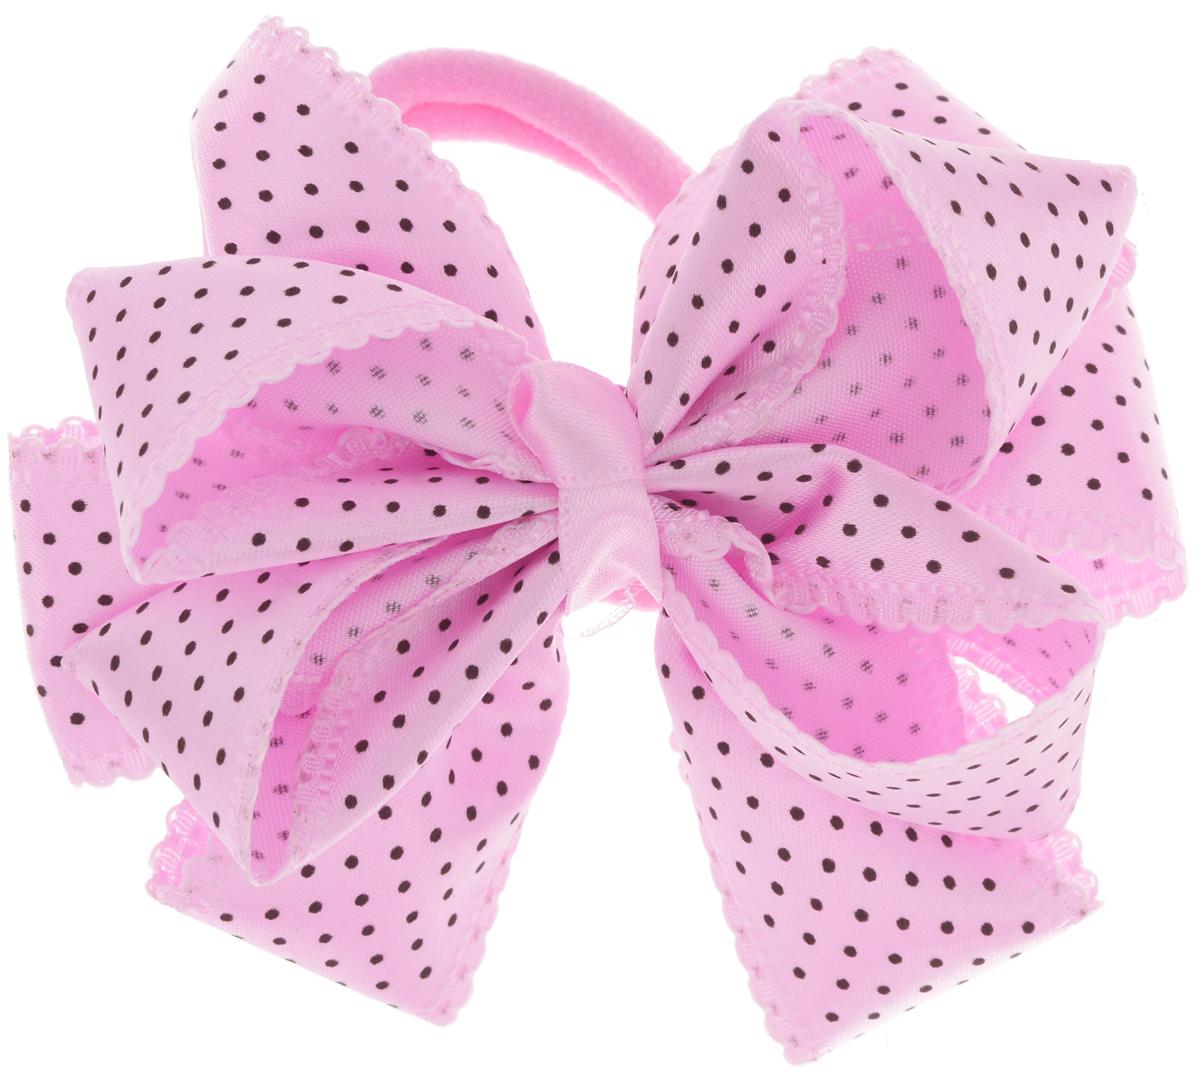 Babys Joy Резинка для волос цвет светло-розовый черный MN 192MN 192_розовый/черный горошекРезинка для волос Babys Joy, изготовленная из текстиля, дополнена милым бантом из атласа в форме цветка и оформлена по верху декоративным принтом в виде мелкого горошка. Резинка для волос Babys Joy надежно зафиксирует волосы и подчеркнет красоту прически вашей маленькой принцессы. Рекомендовано для детей старше трех лет.